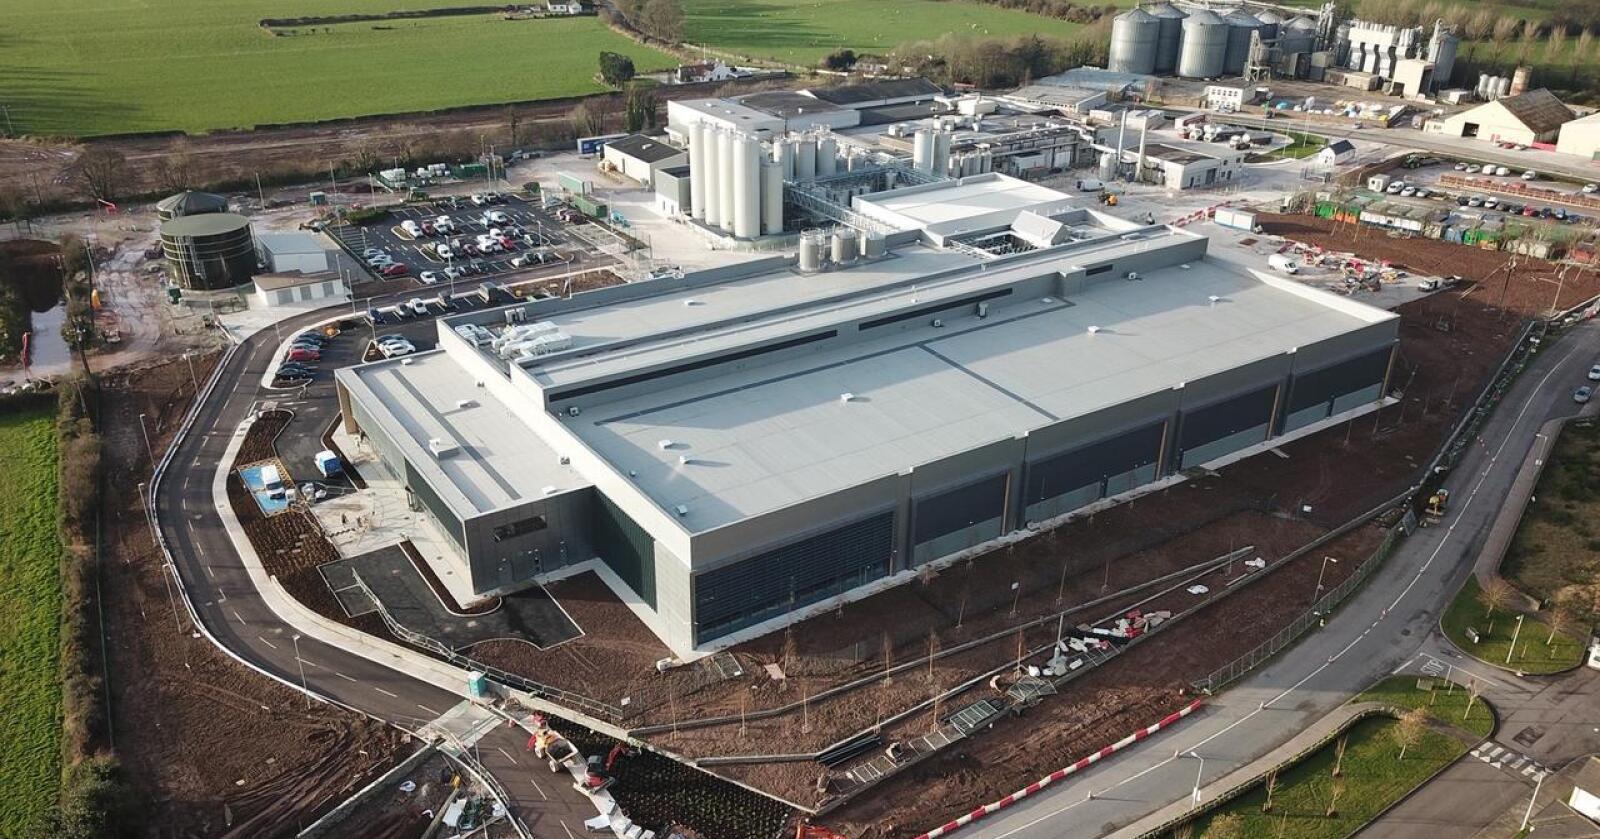 Til Høyesterett: En østersprodusent har fått irsk Høyesterett til å vurdere lovligheten av utslippstillatelsen fra Tines anlegg i Cork. (Foto: Tine)